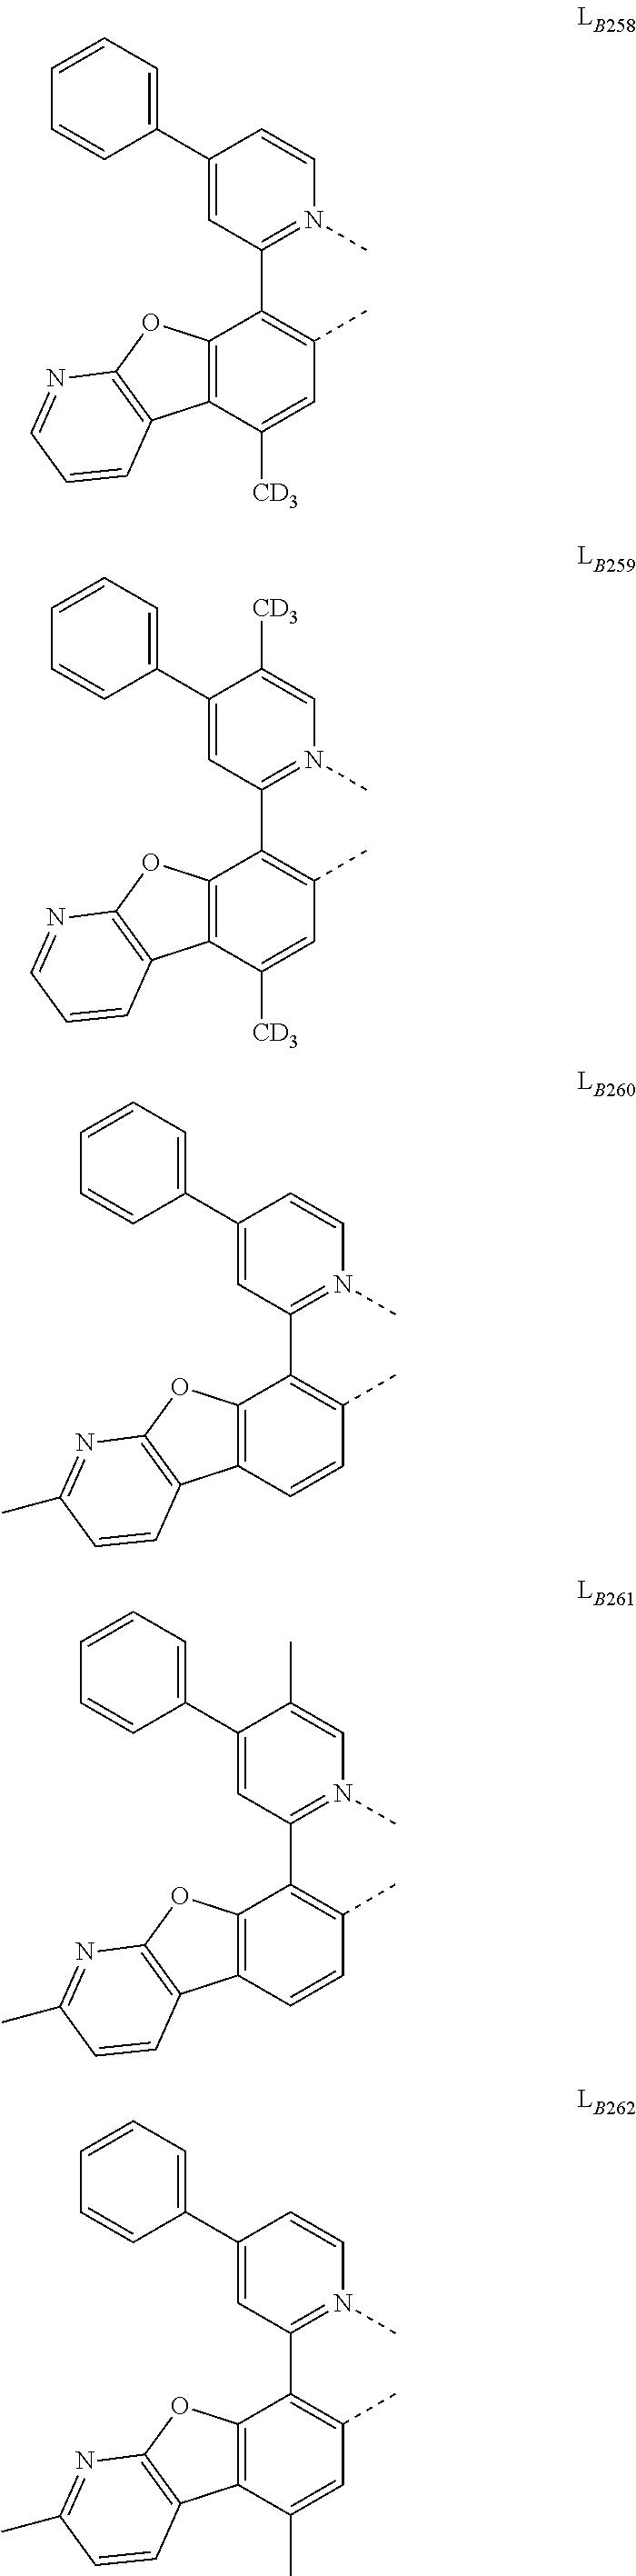 Figure US20180130962A1-20180510-C00313